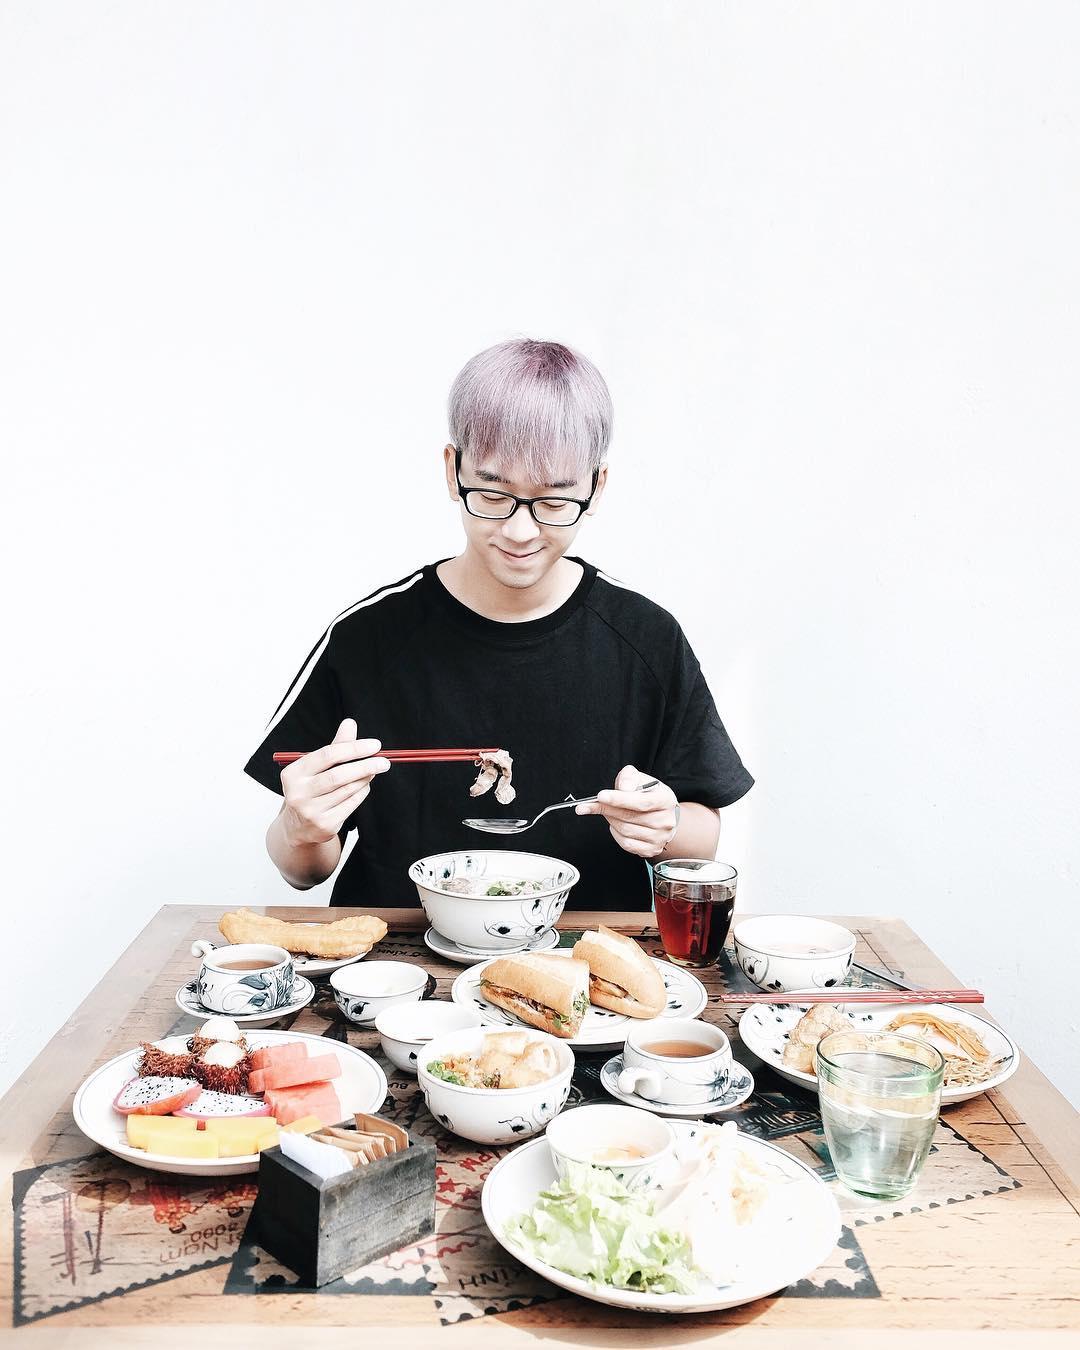 Anh chàng chuyên review đồ ăn với chất giọng Hà Nội hấp dẫn